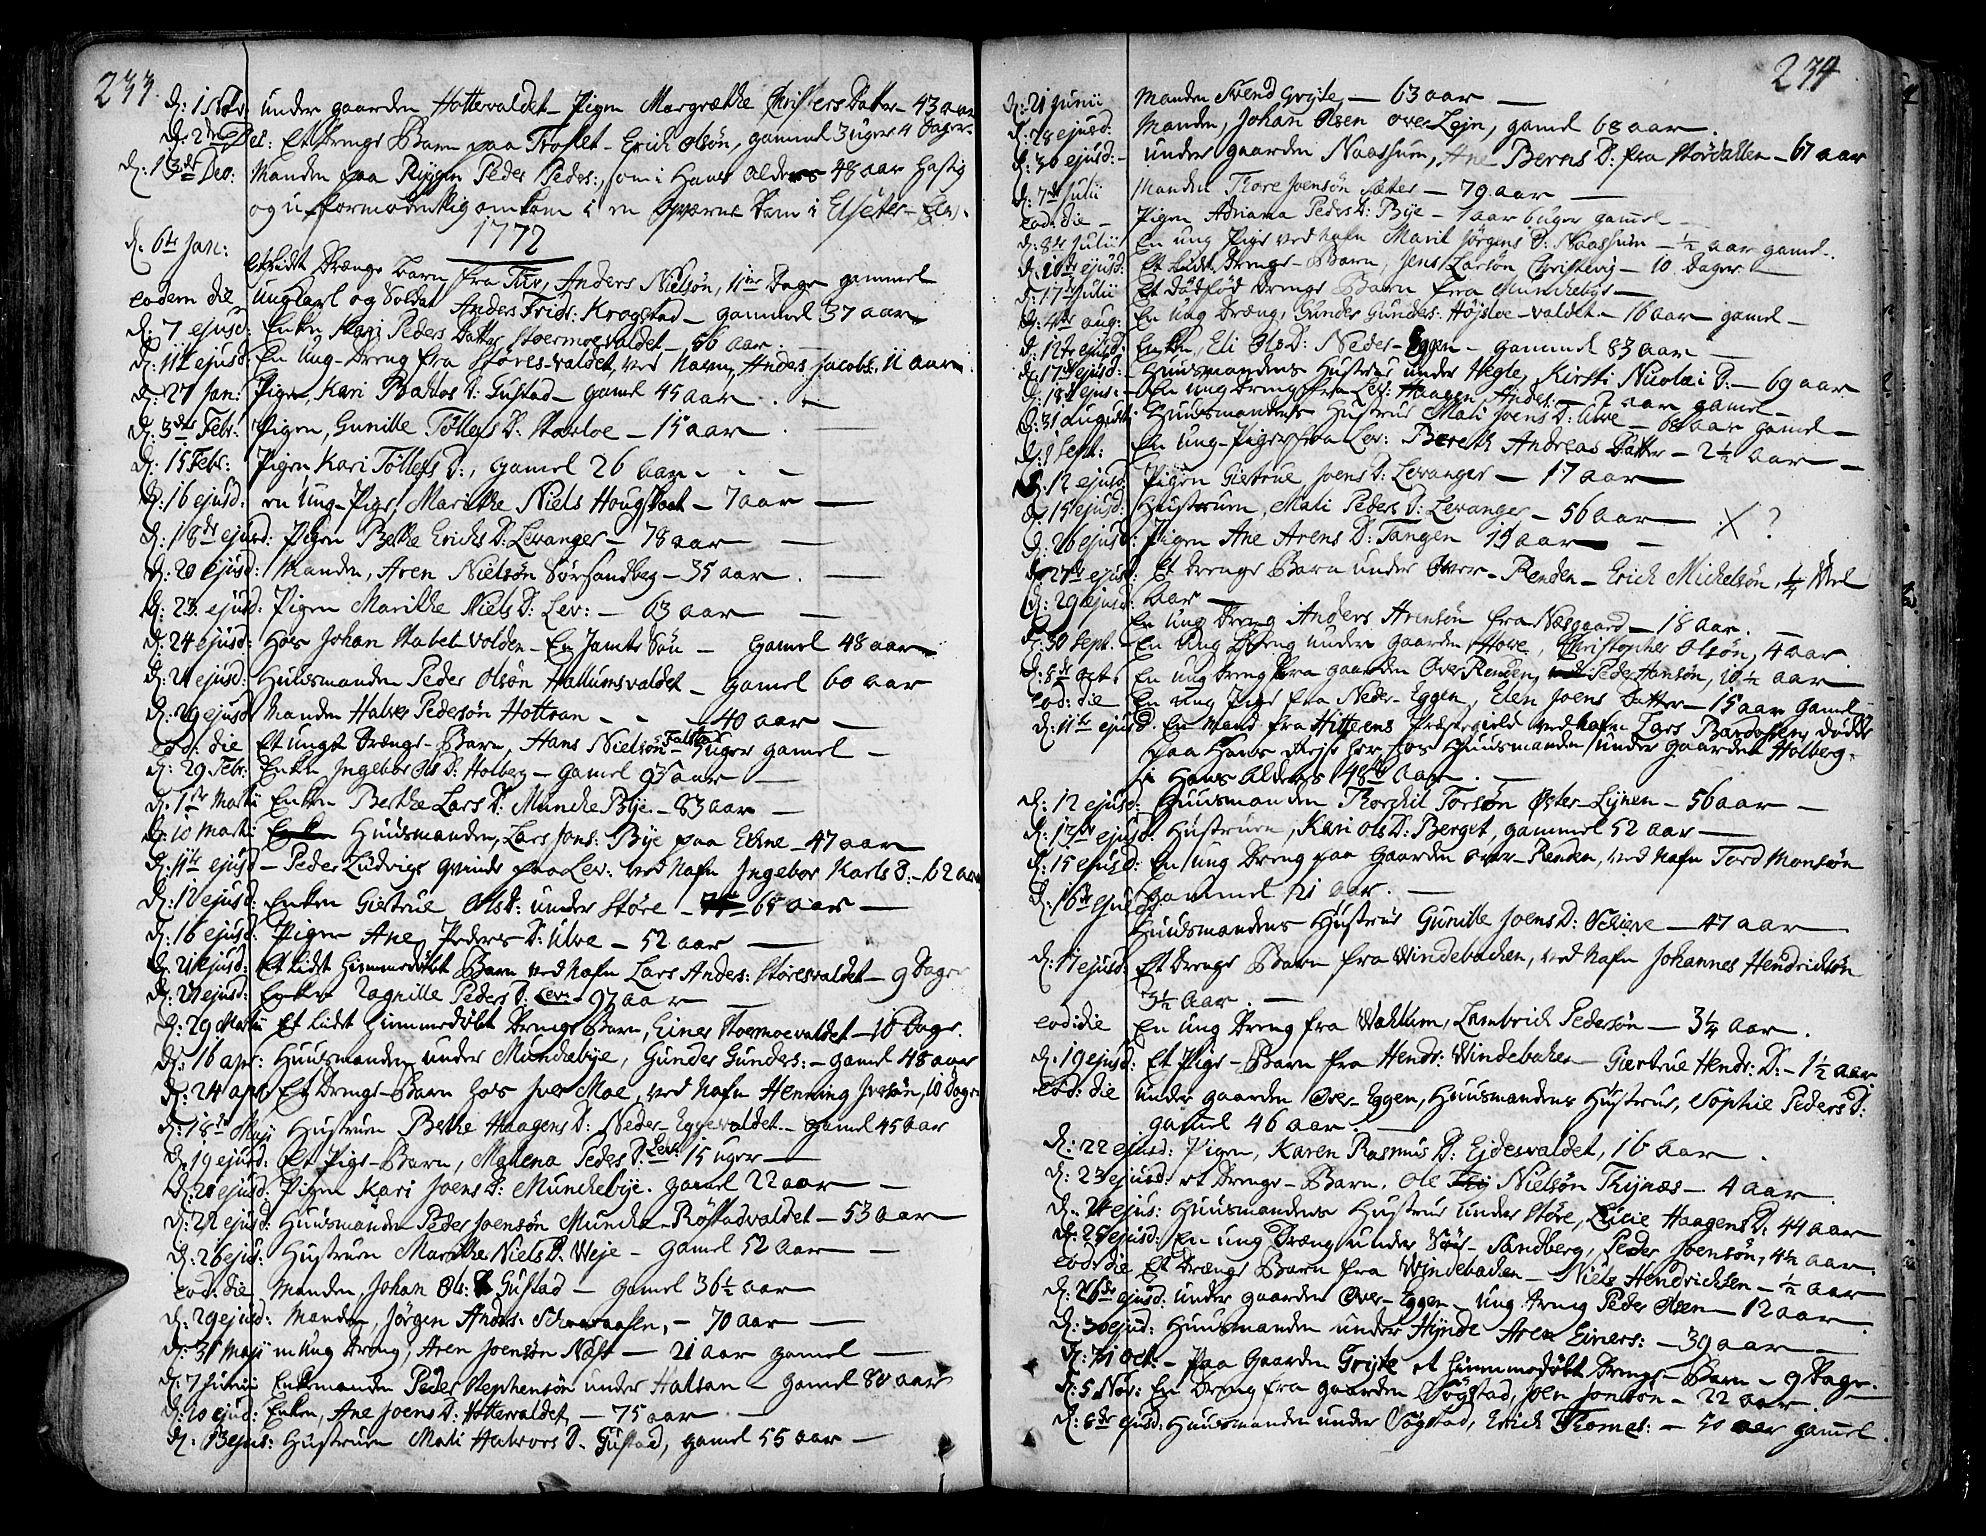 SAT, Ministerialprotokoller, klokkerbøker og fødselsregistre - Nord-Trøndelag, 717/L0141: Ministerialbok nr. 717A01, 1747-1803, s. 233-234